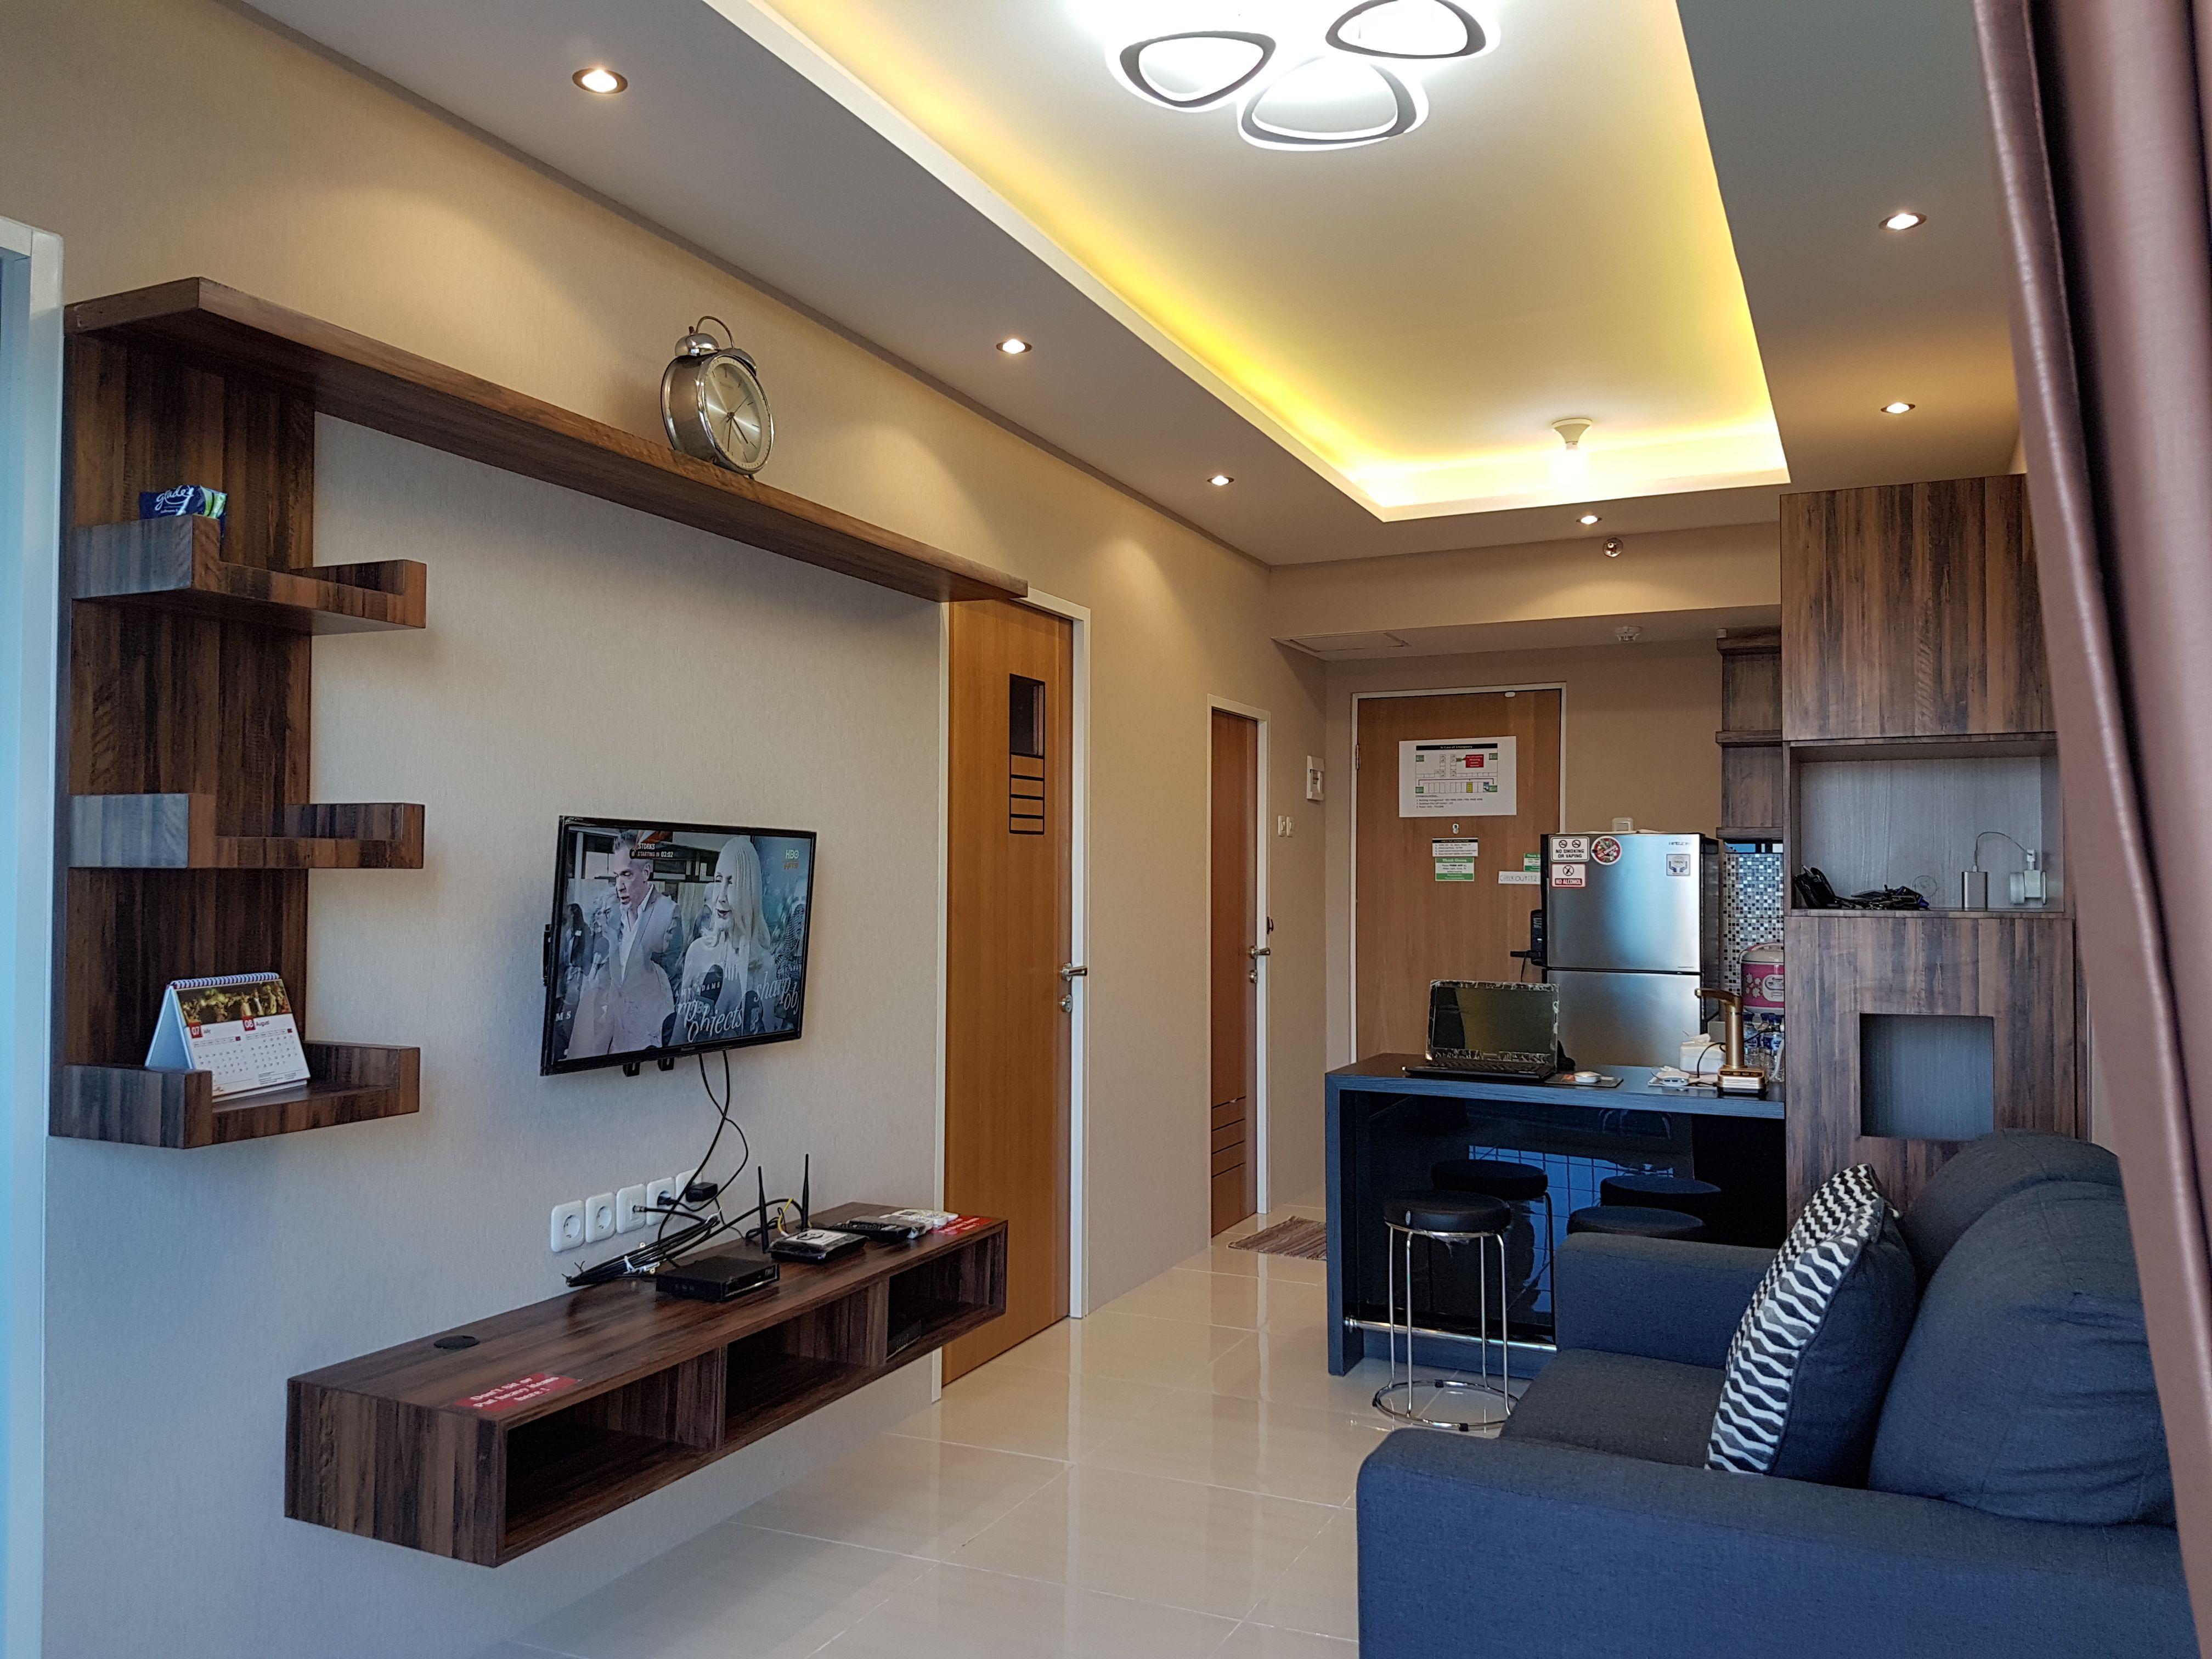 Puncak Bukit Golf Apartment by Dakara Jaya, Surabaya